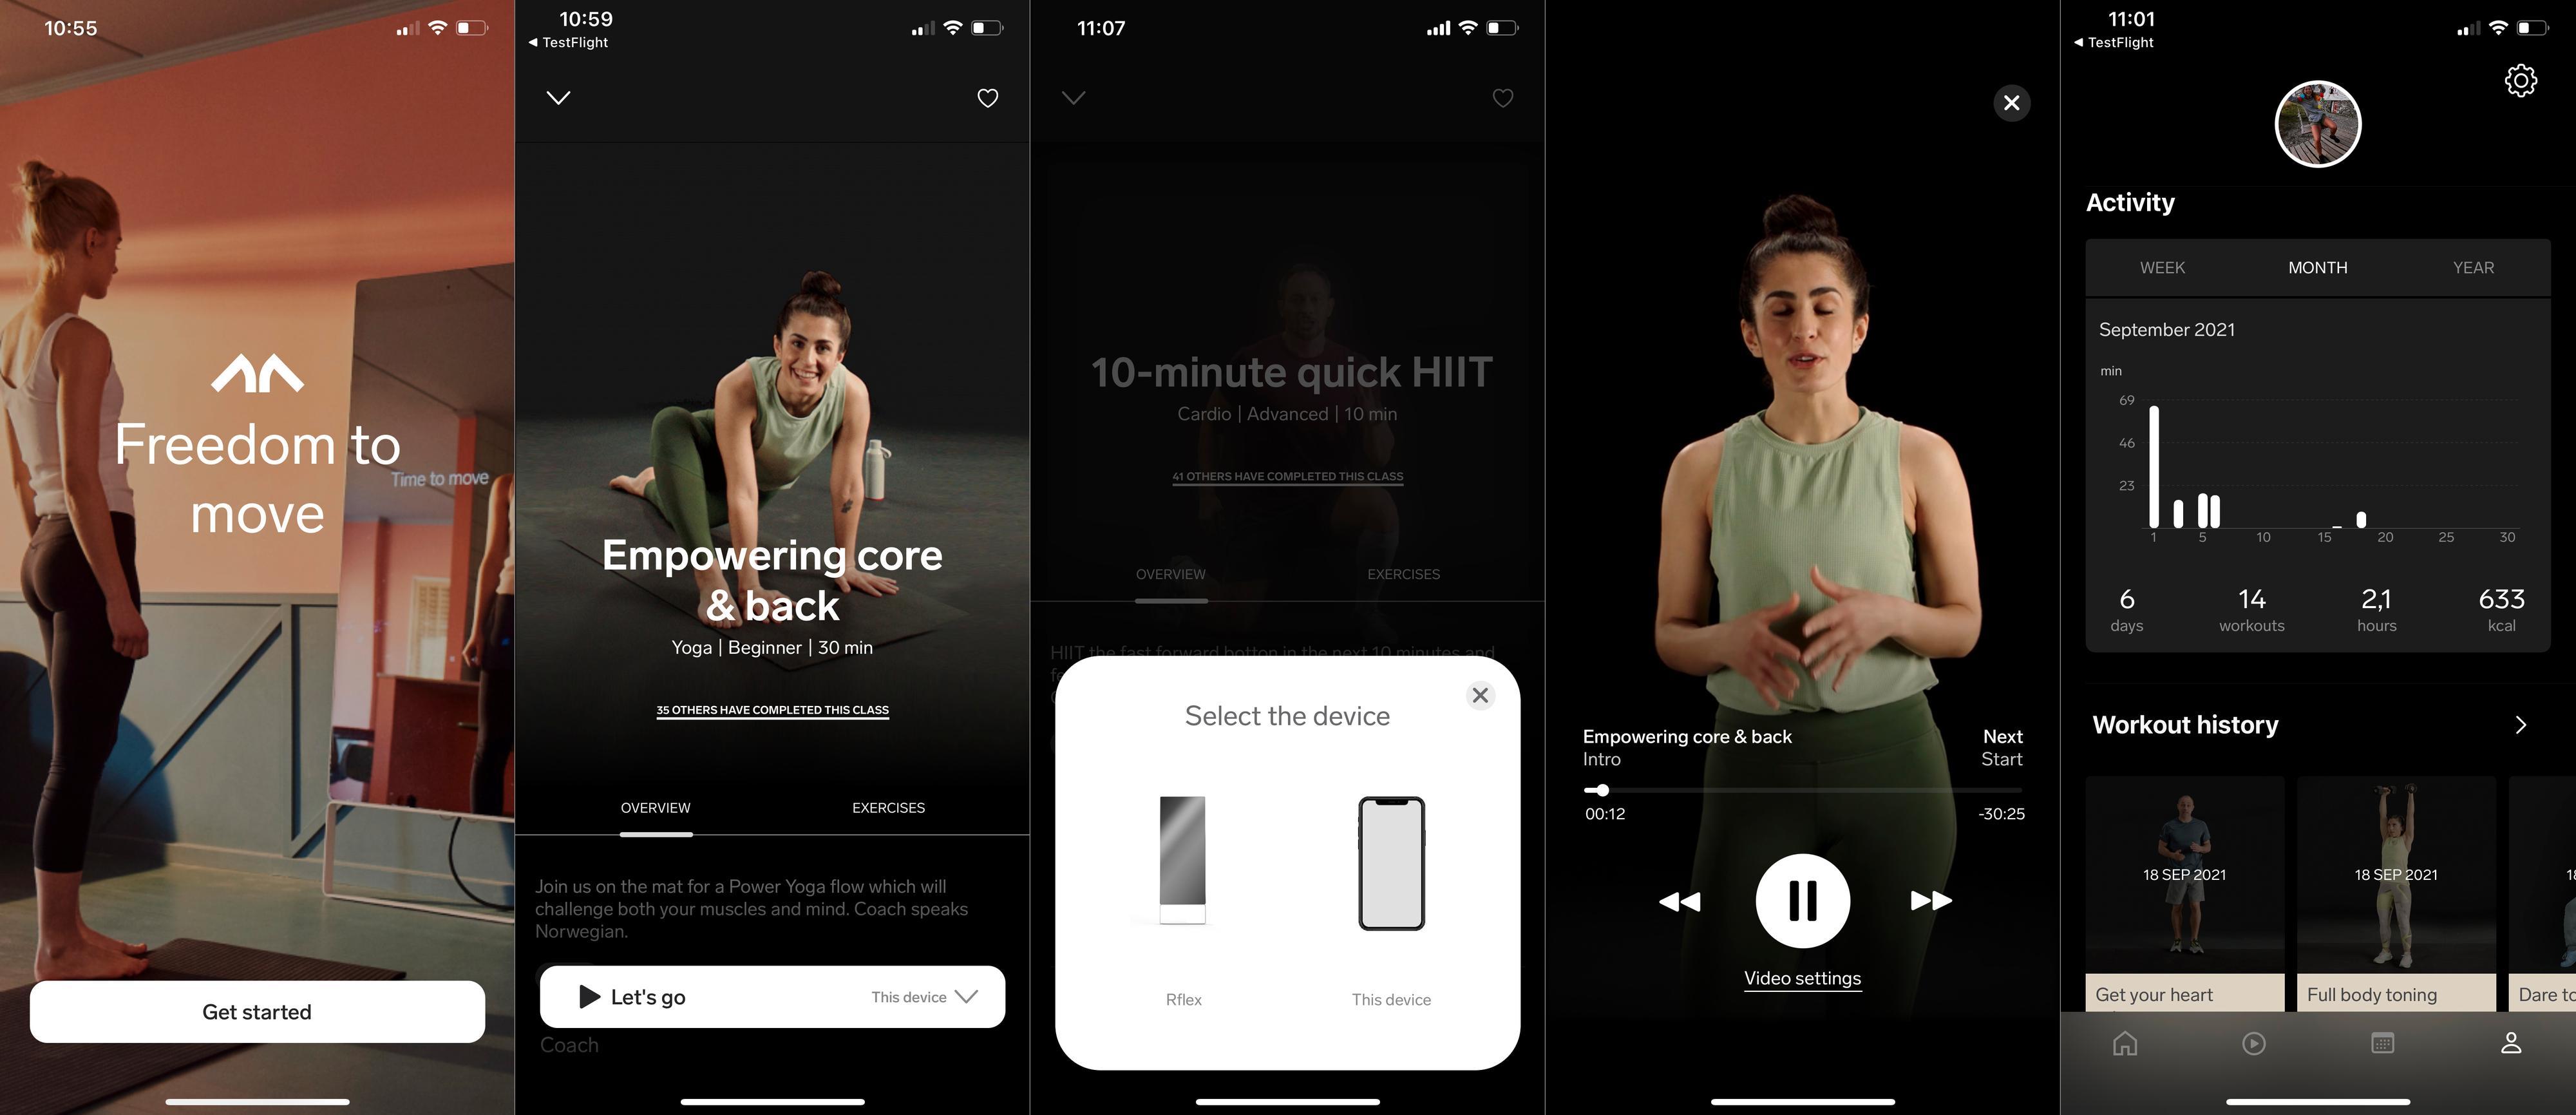 Fra Mentra-appen kan du sette i gang treningsøkter, enten det er på telefon/brett eller på speilet. Her får du også oversikt over treningsøktene dine.